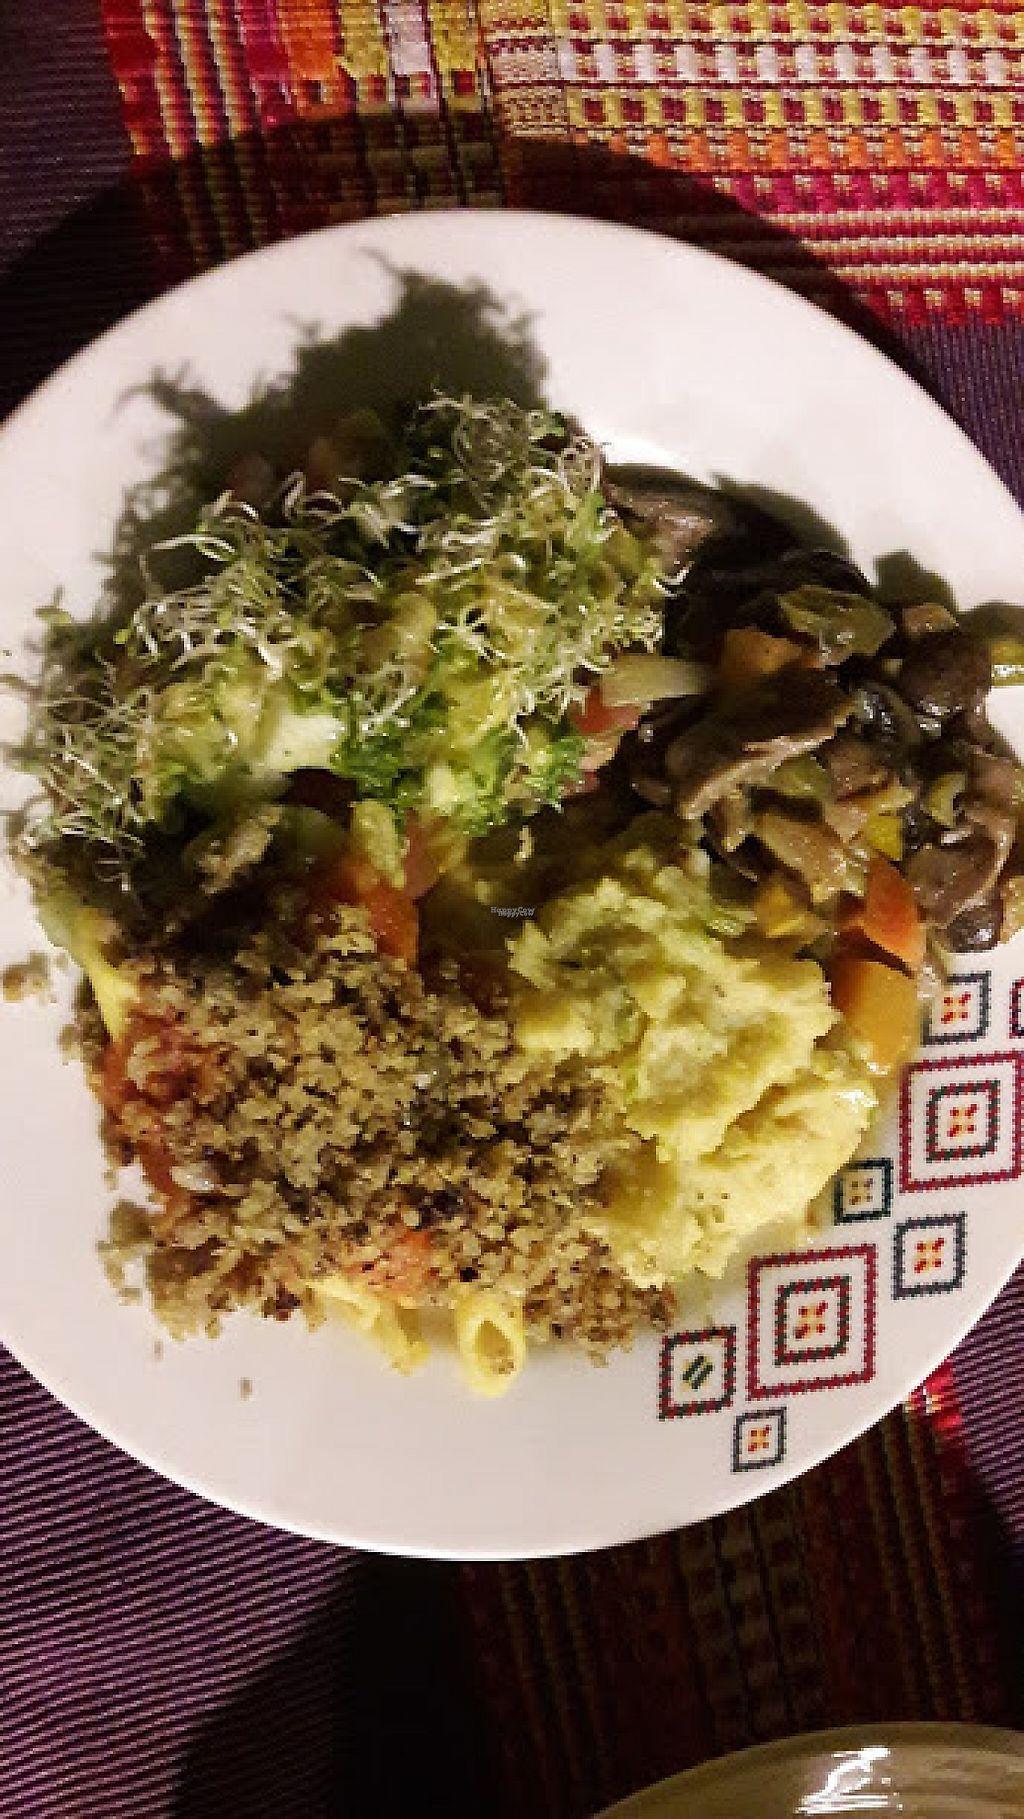 """Photo of Espiritu Libre  by <a href=""""/members/profile/AuraMar%C3%ADaRu%C3%ADzTob%C3%B3n"""">AuraMaríaRuízTobón</a> <br/>El plato fuerte compuesto por pure de papa, ensalada fresca con germinados, champiñones y una pasta con salsa casera napolitana y quinoa  <br/> April 7, 2017  - <a href='/contact/abuse/image/50009/245378'>Report</a>"""